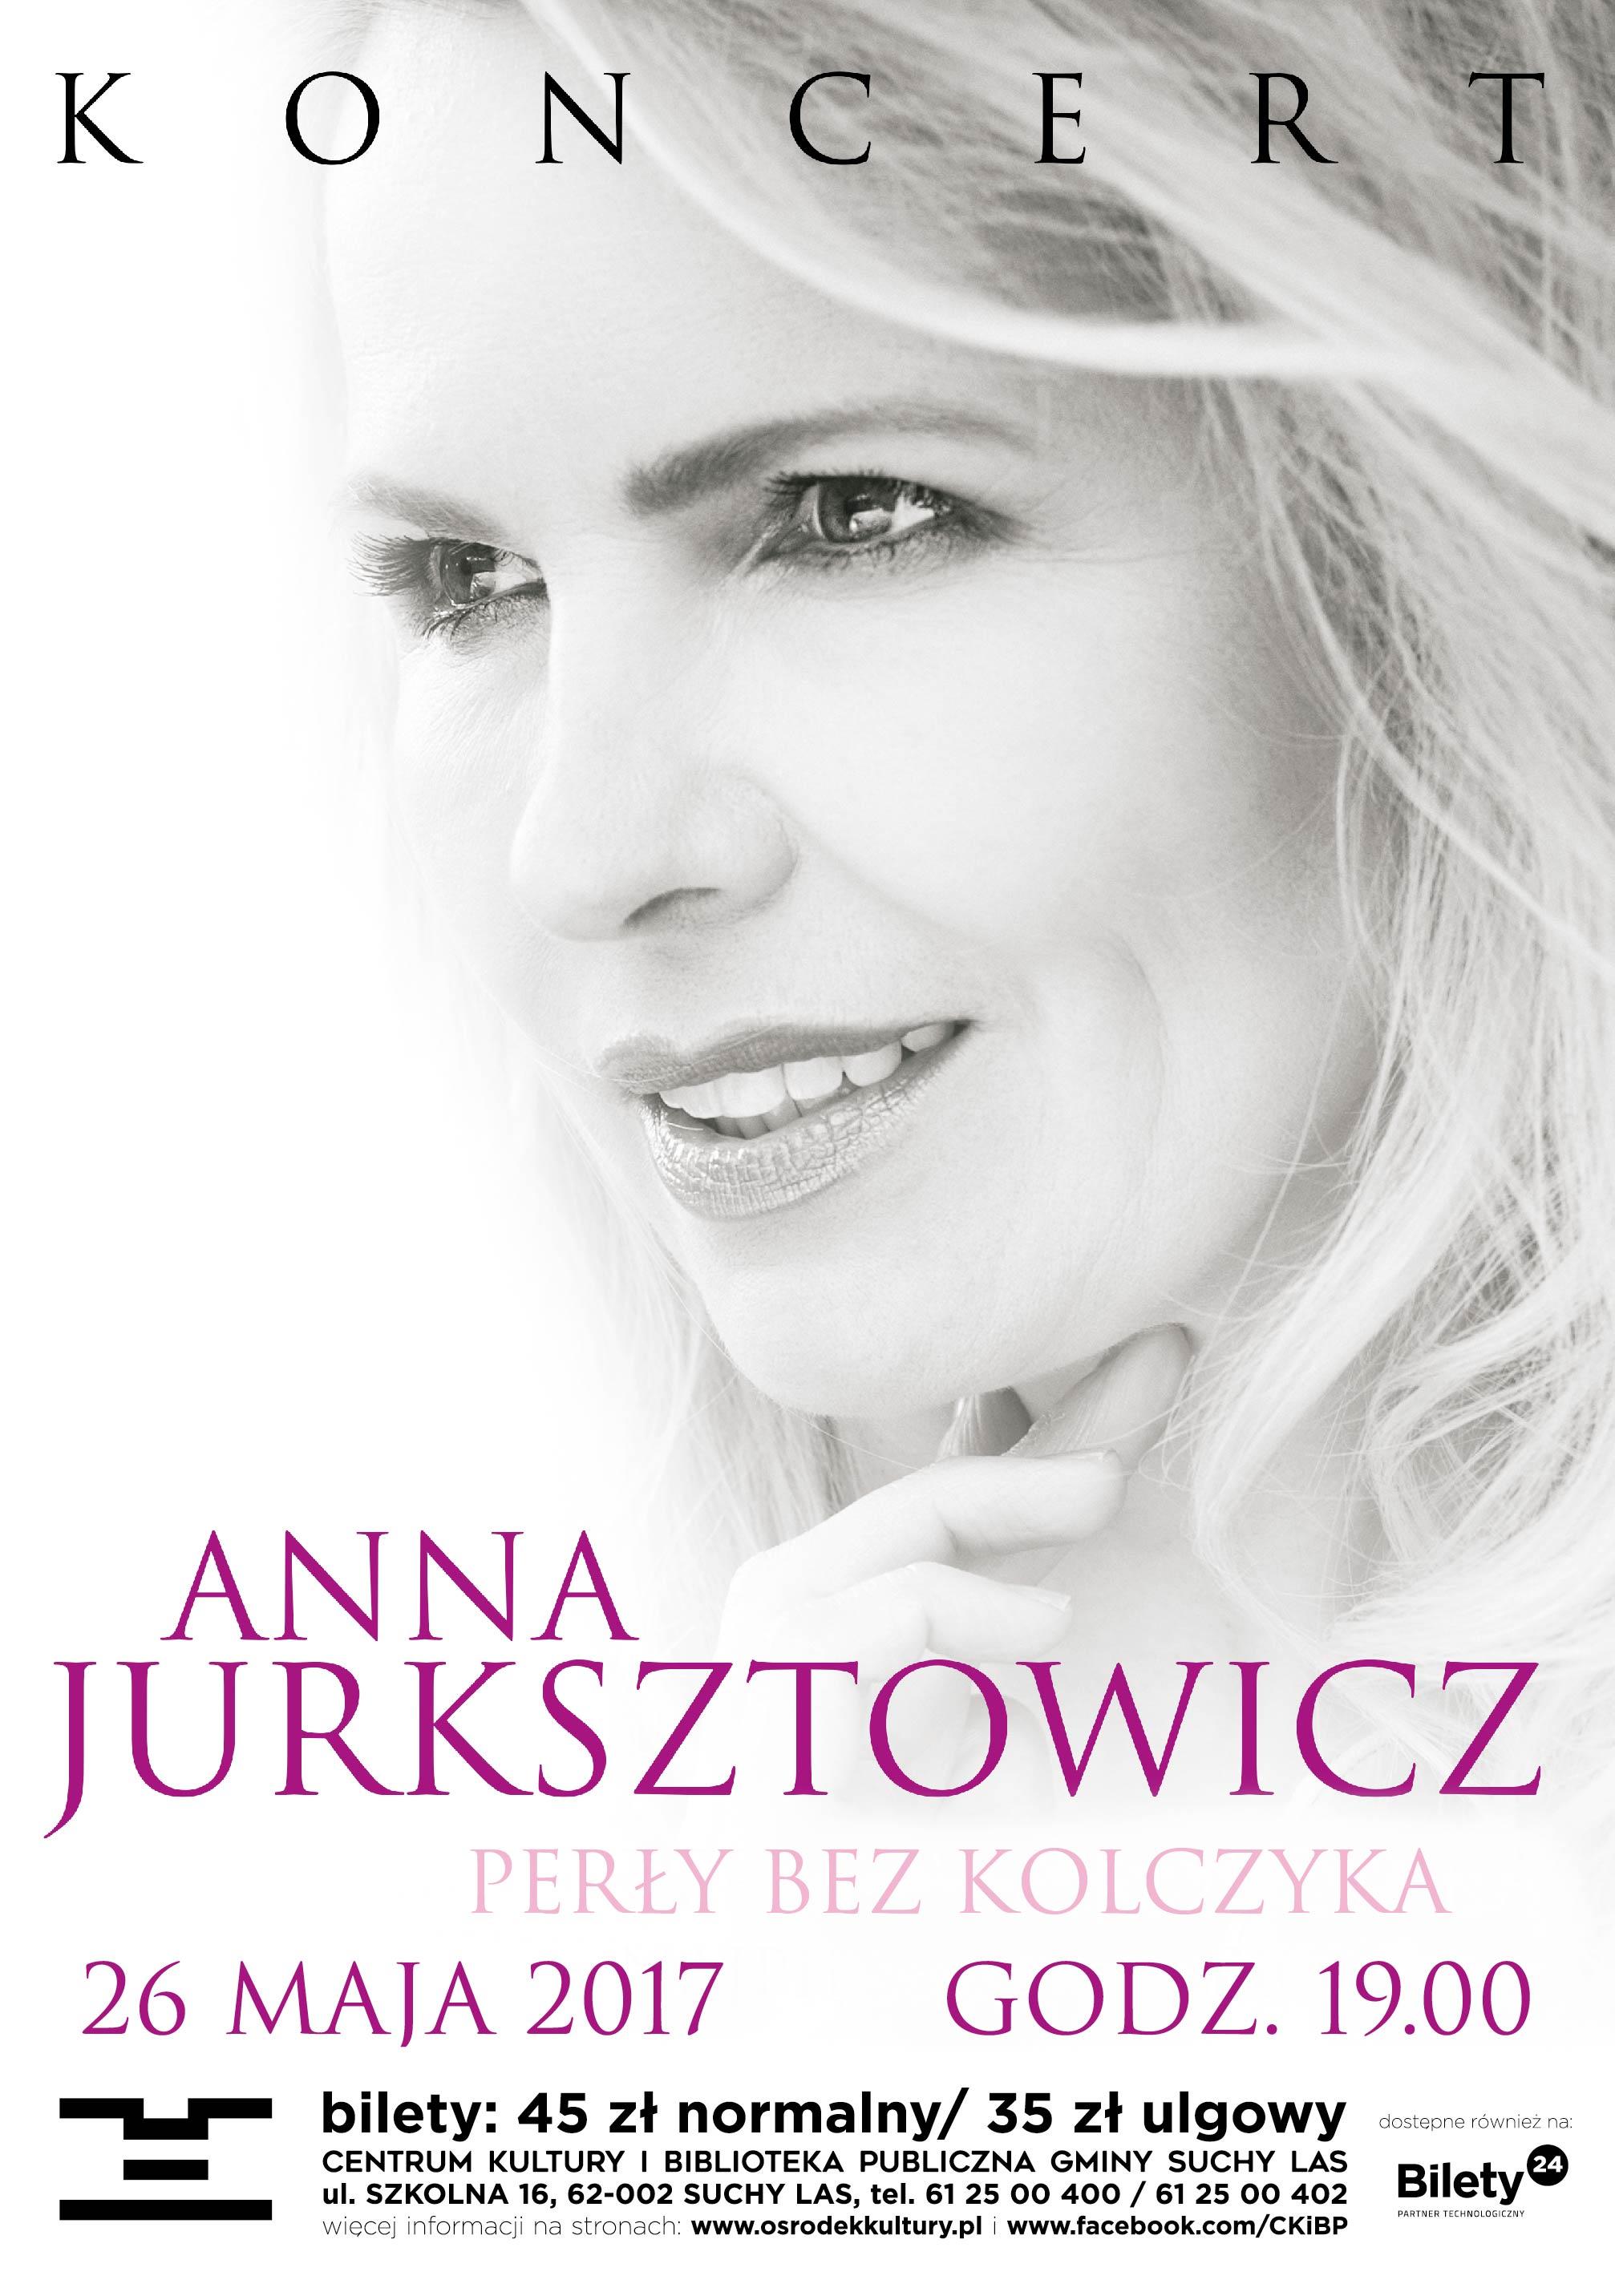 Jurksztowicz